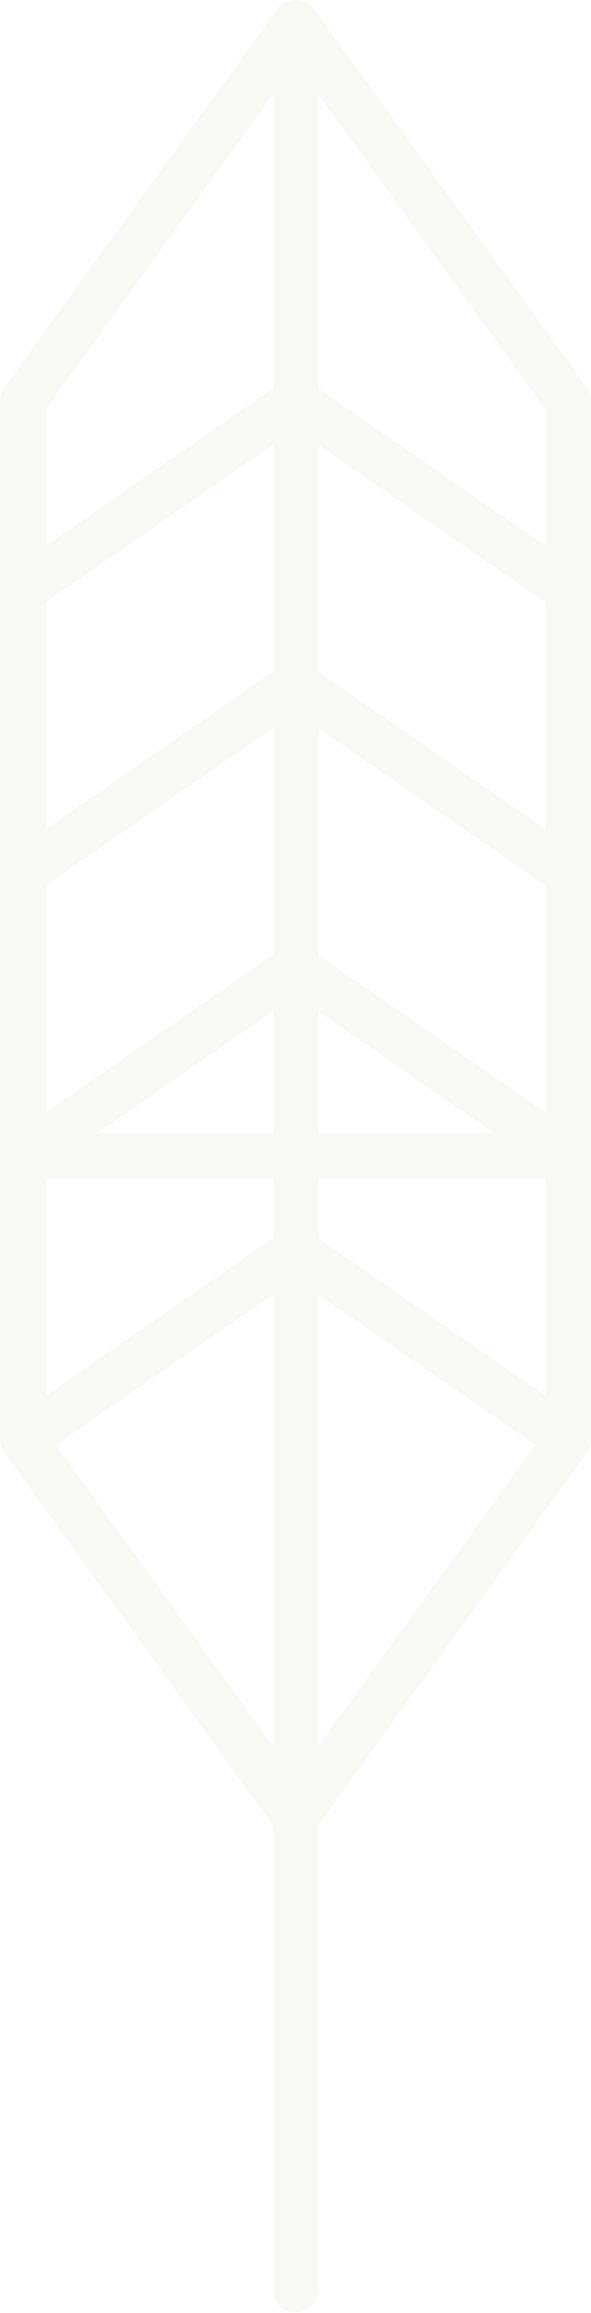 Leaf_Off_White